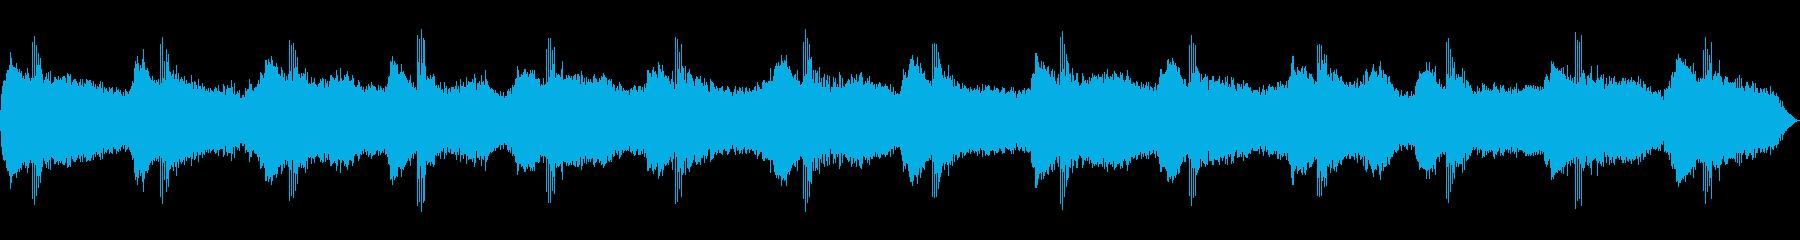 ヒーリングアンビエント_深層_Aの再生済みの波形